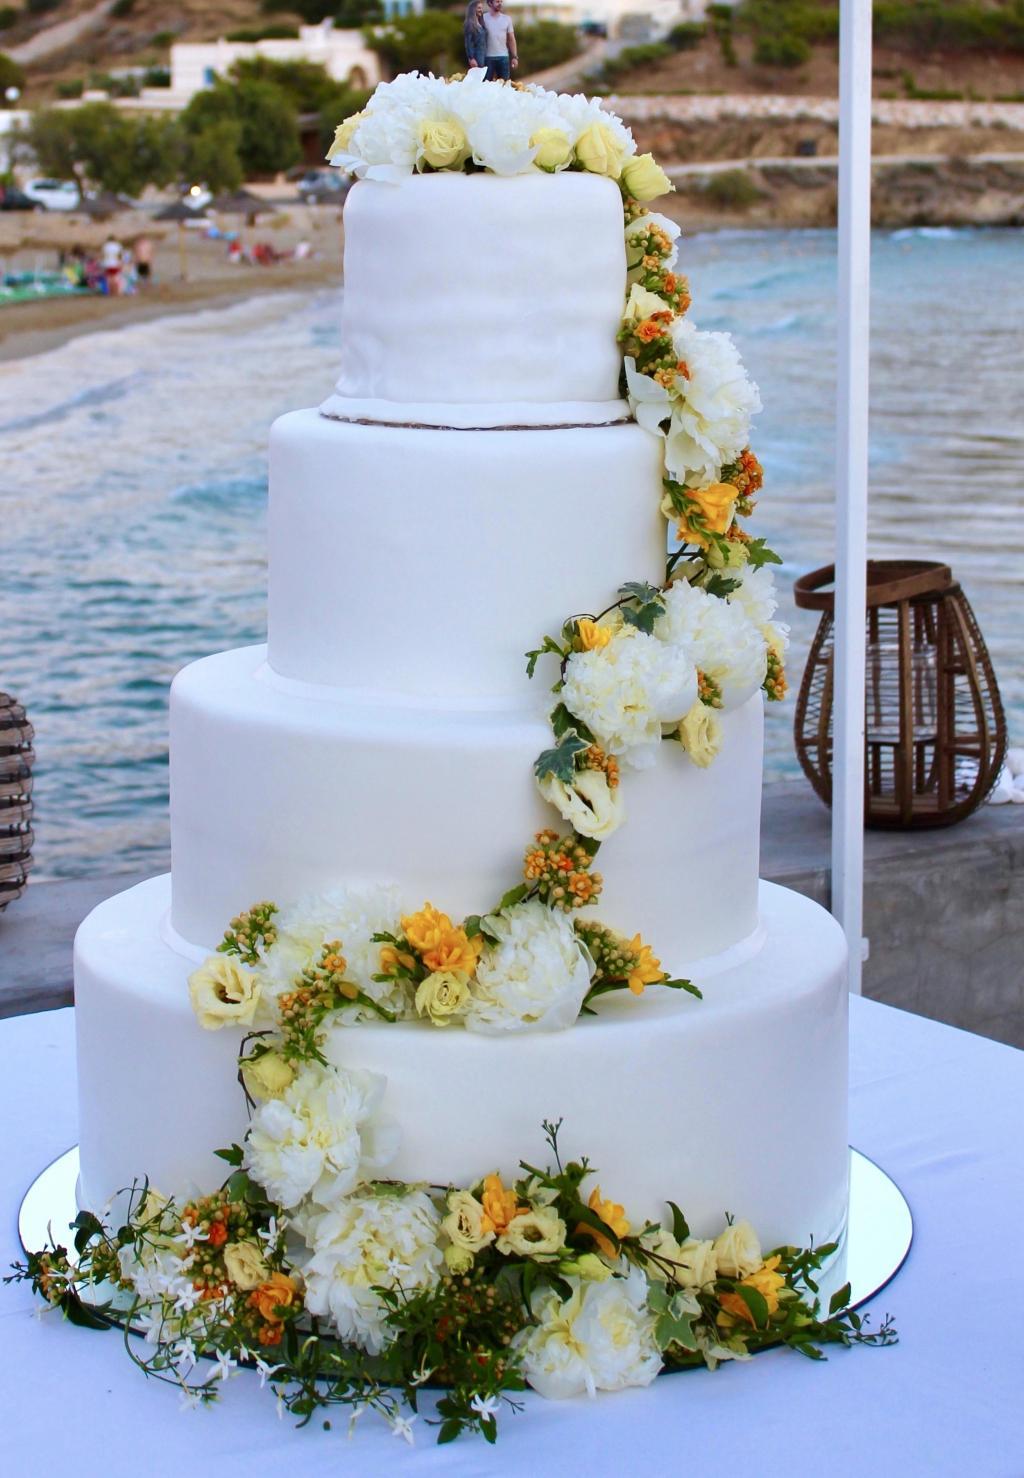 I&M Syros wedding - Image 3